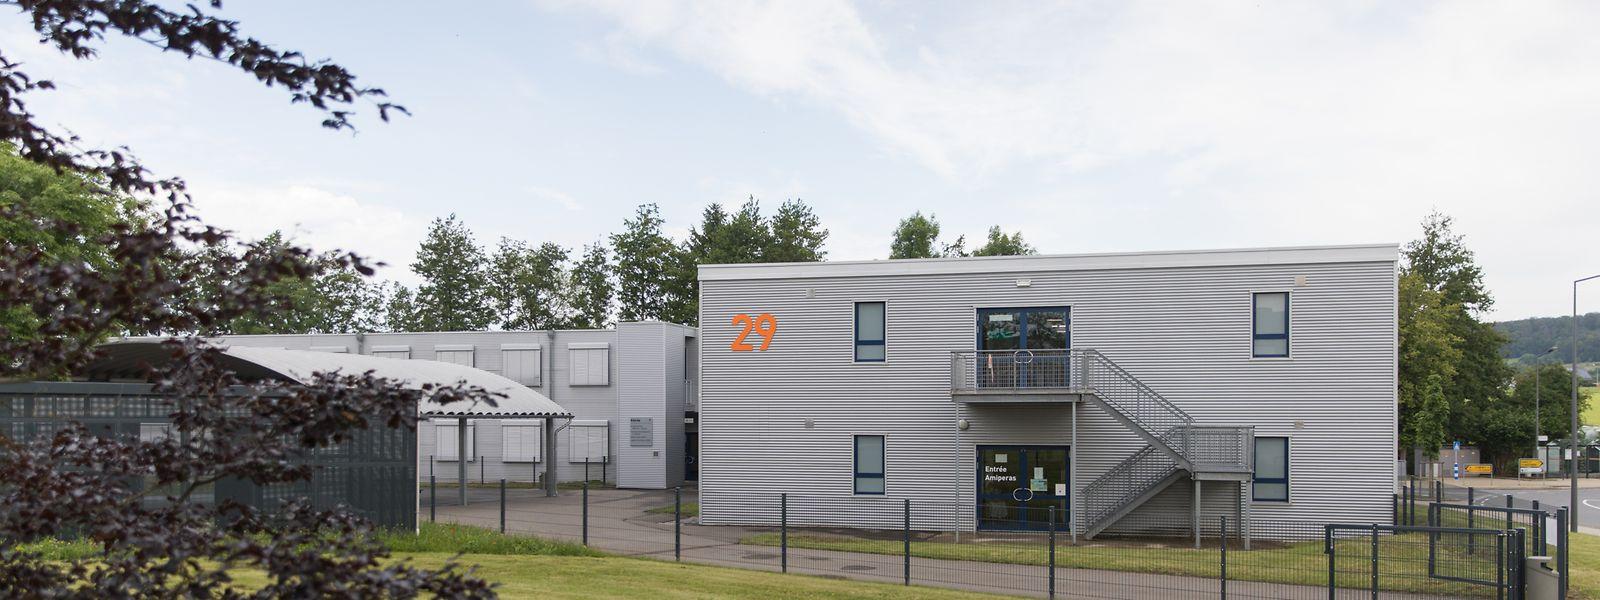 Neue Schüler aus Sassenheim wird die Käerjenger Musikschule vorerst nicht aufnehmen.